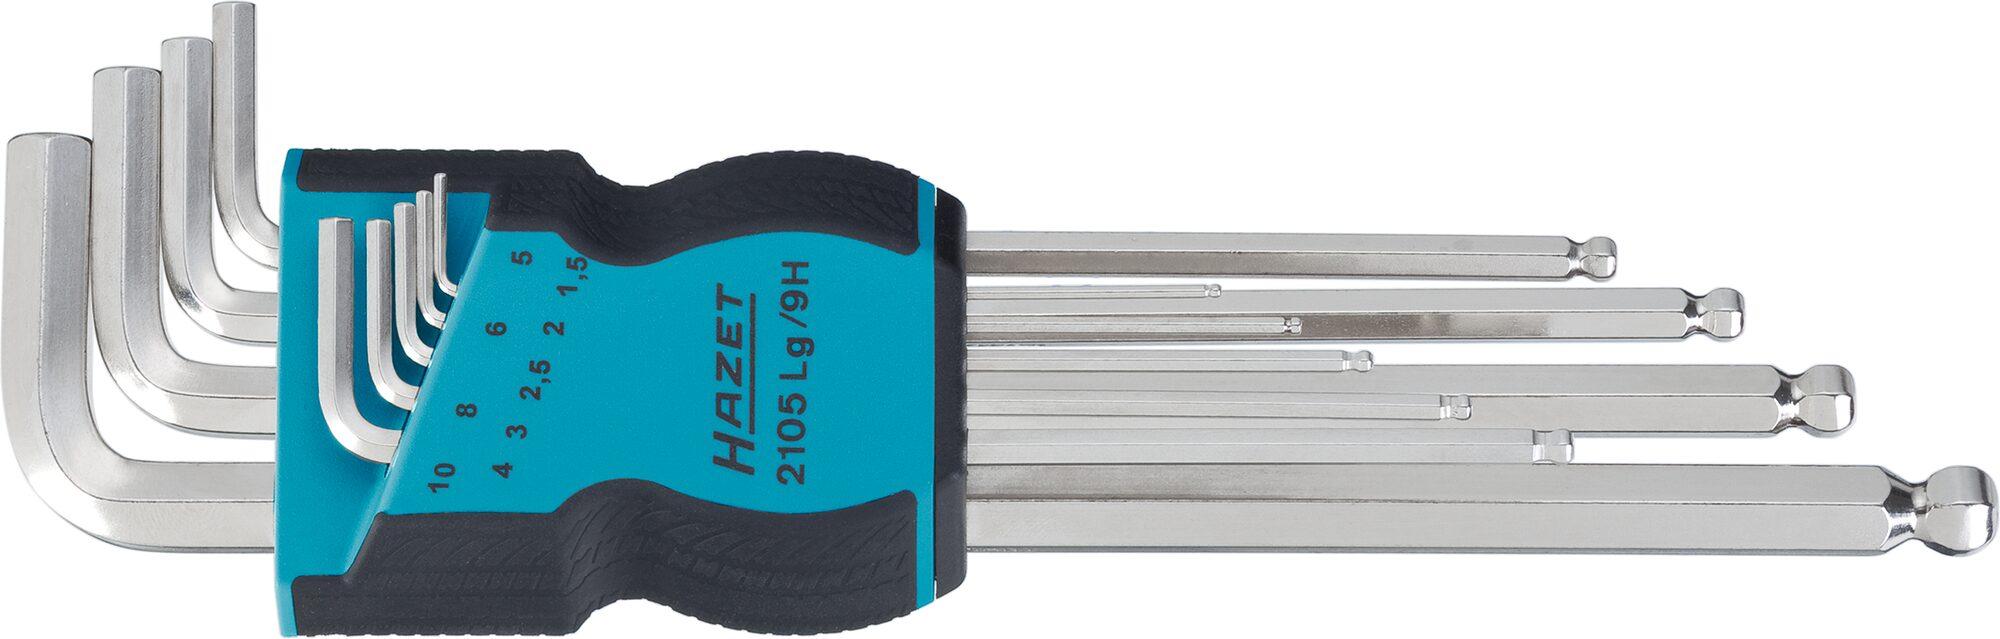 HAZET Winkelschraubendreher Satz 2105LG/9H ∙ Innen-Sechskant Profil ∙ 1.5–10 ∙ Anzahl Werkzeuge: 9